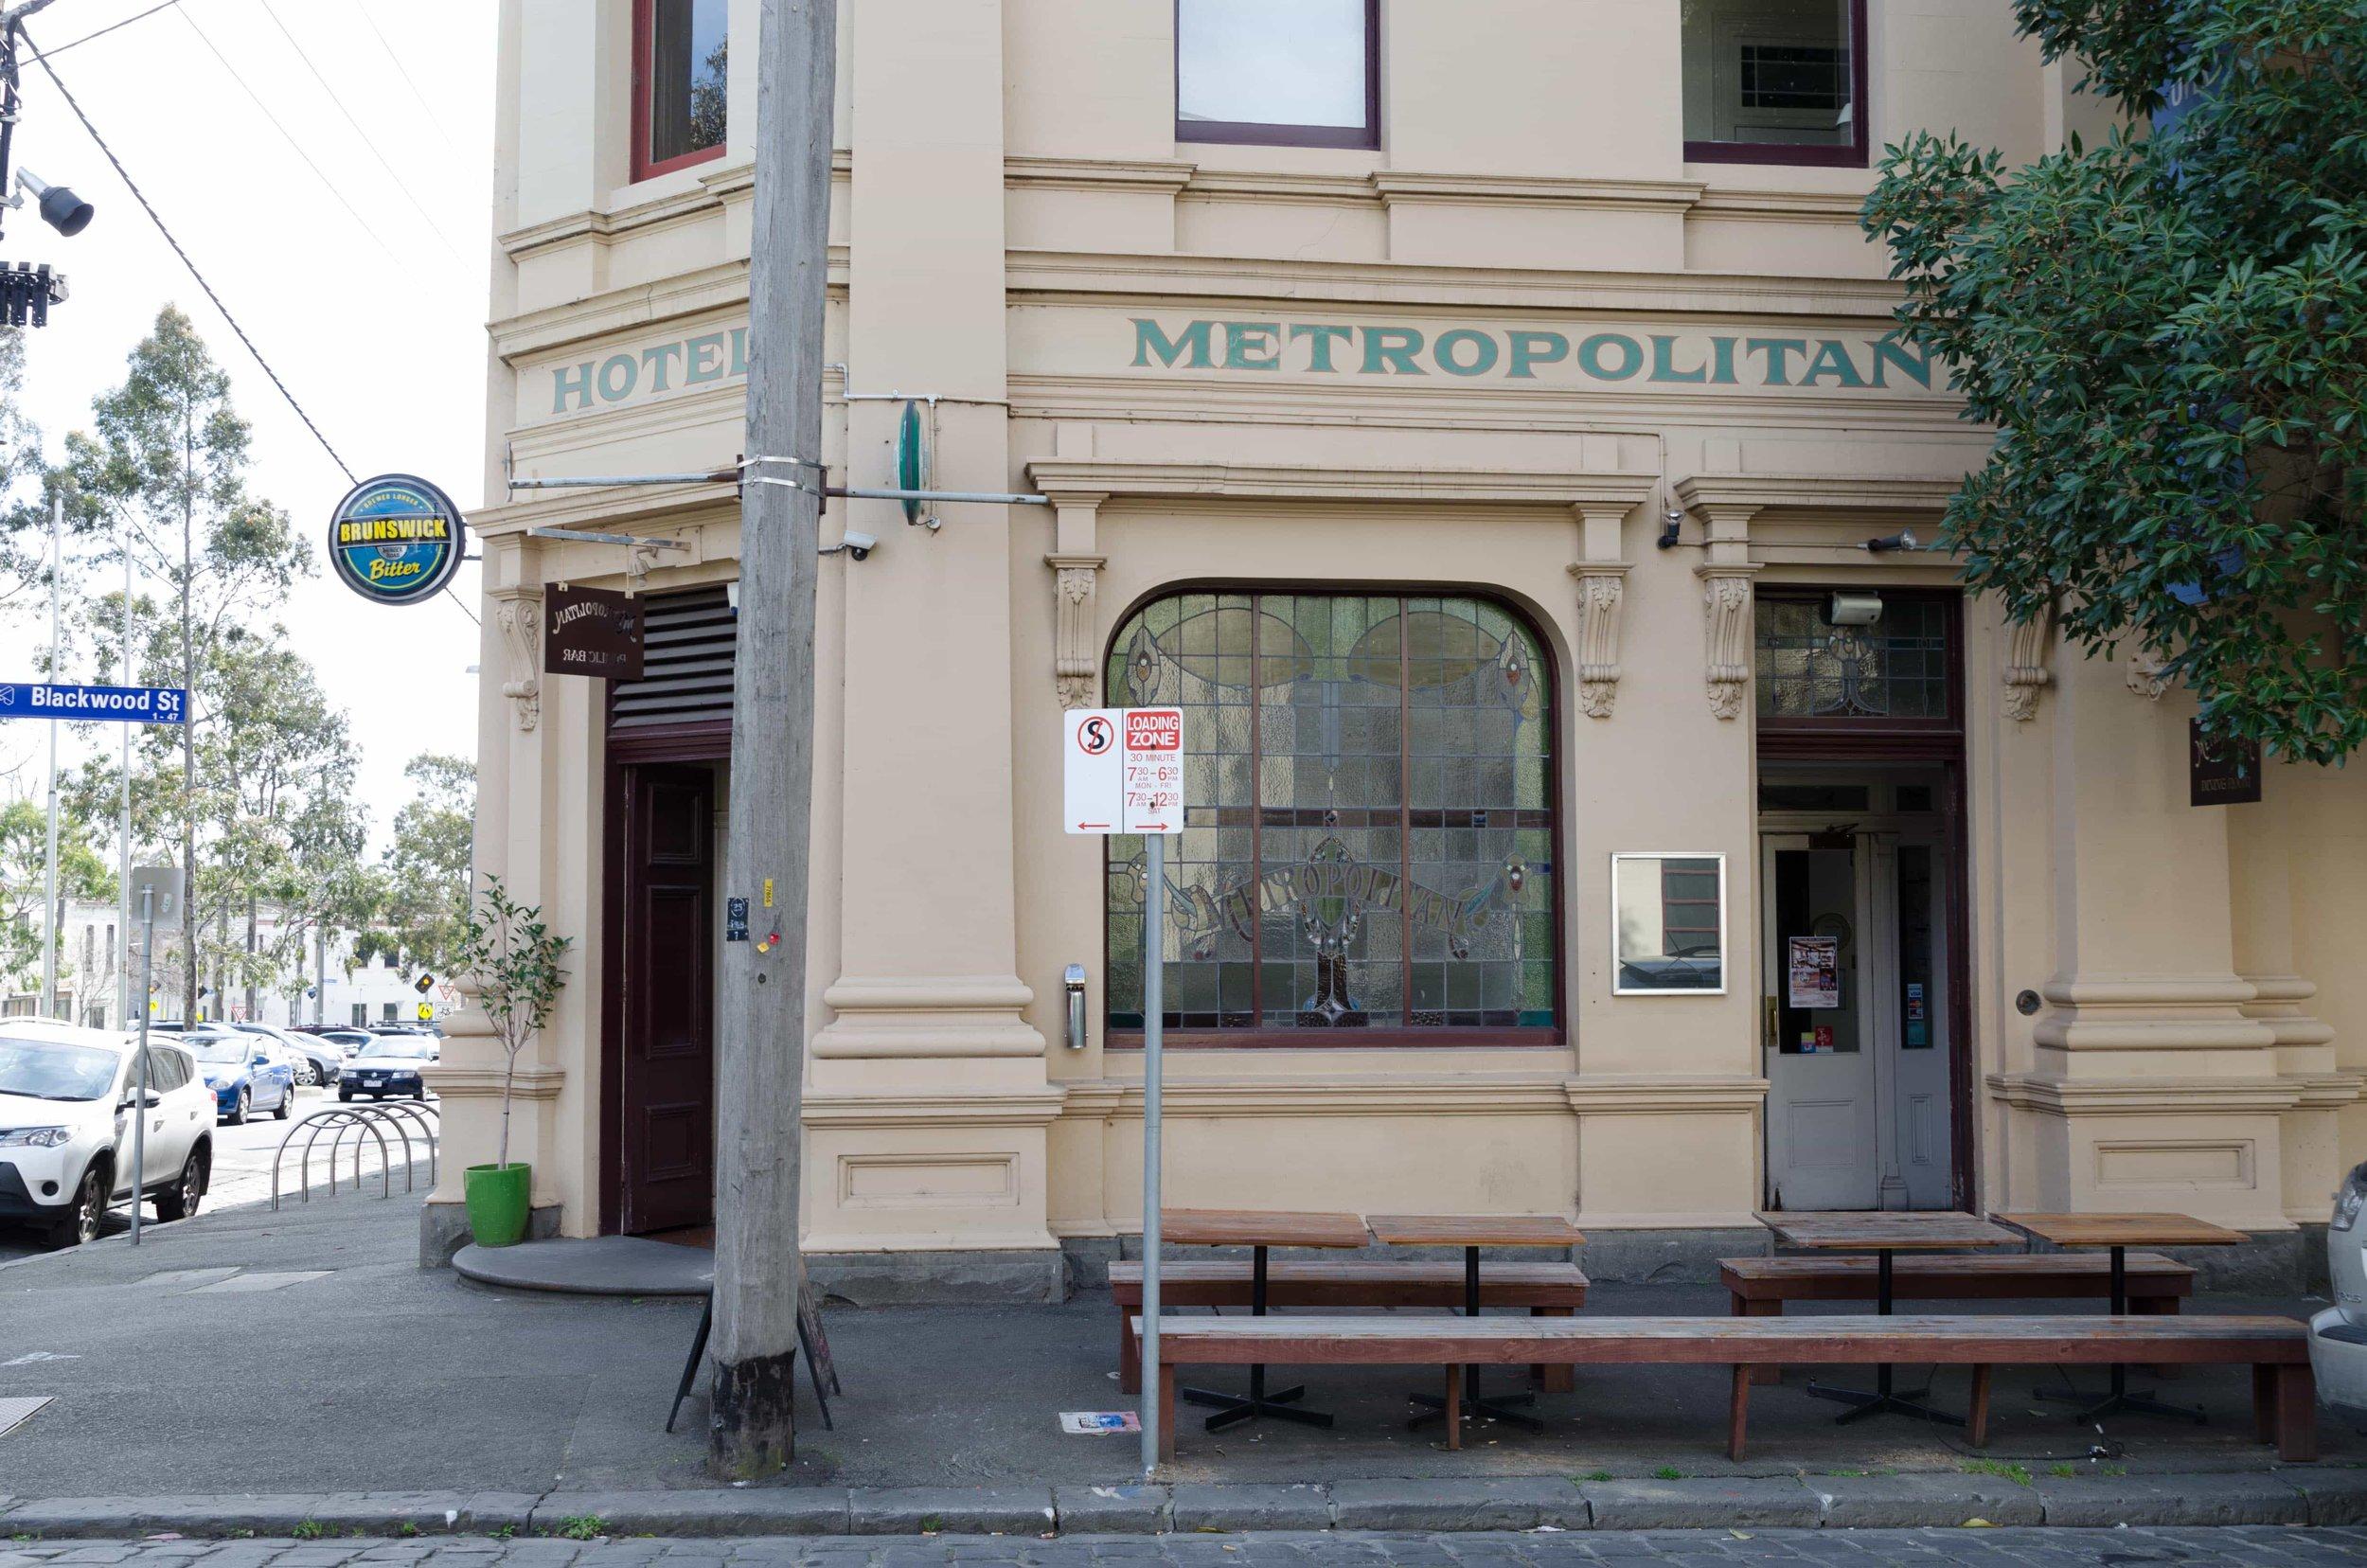 Metropolitanhotel_jlegitimus_exterior_lores-3.jpg